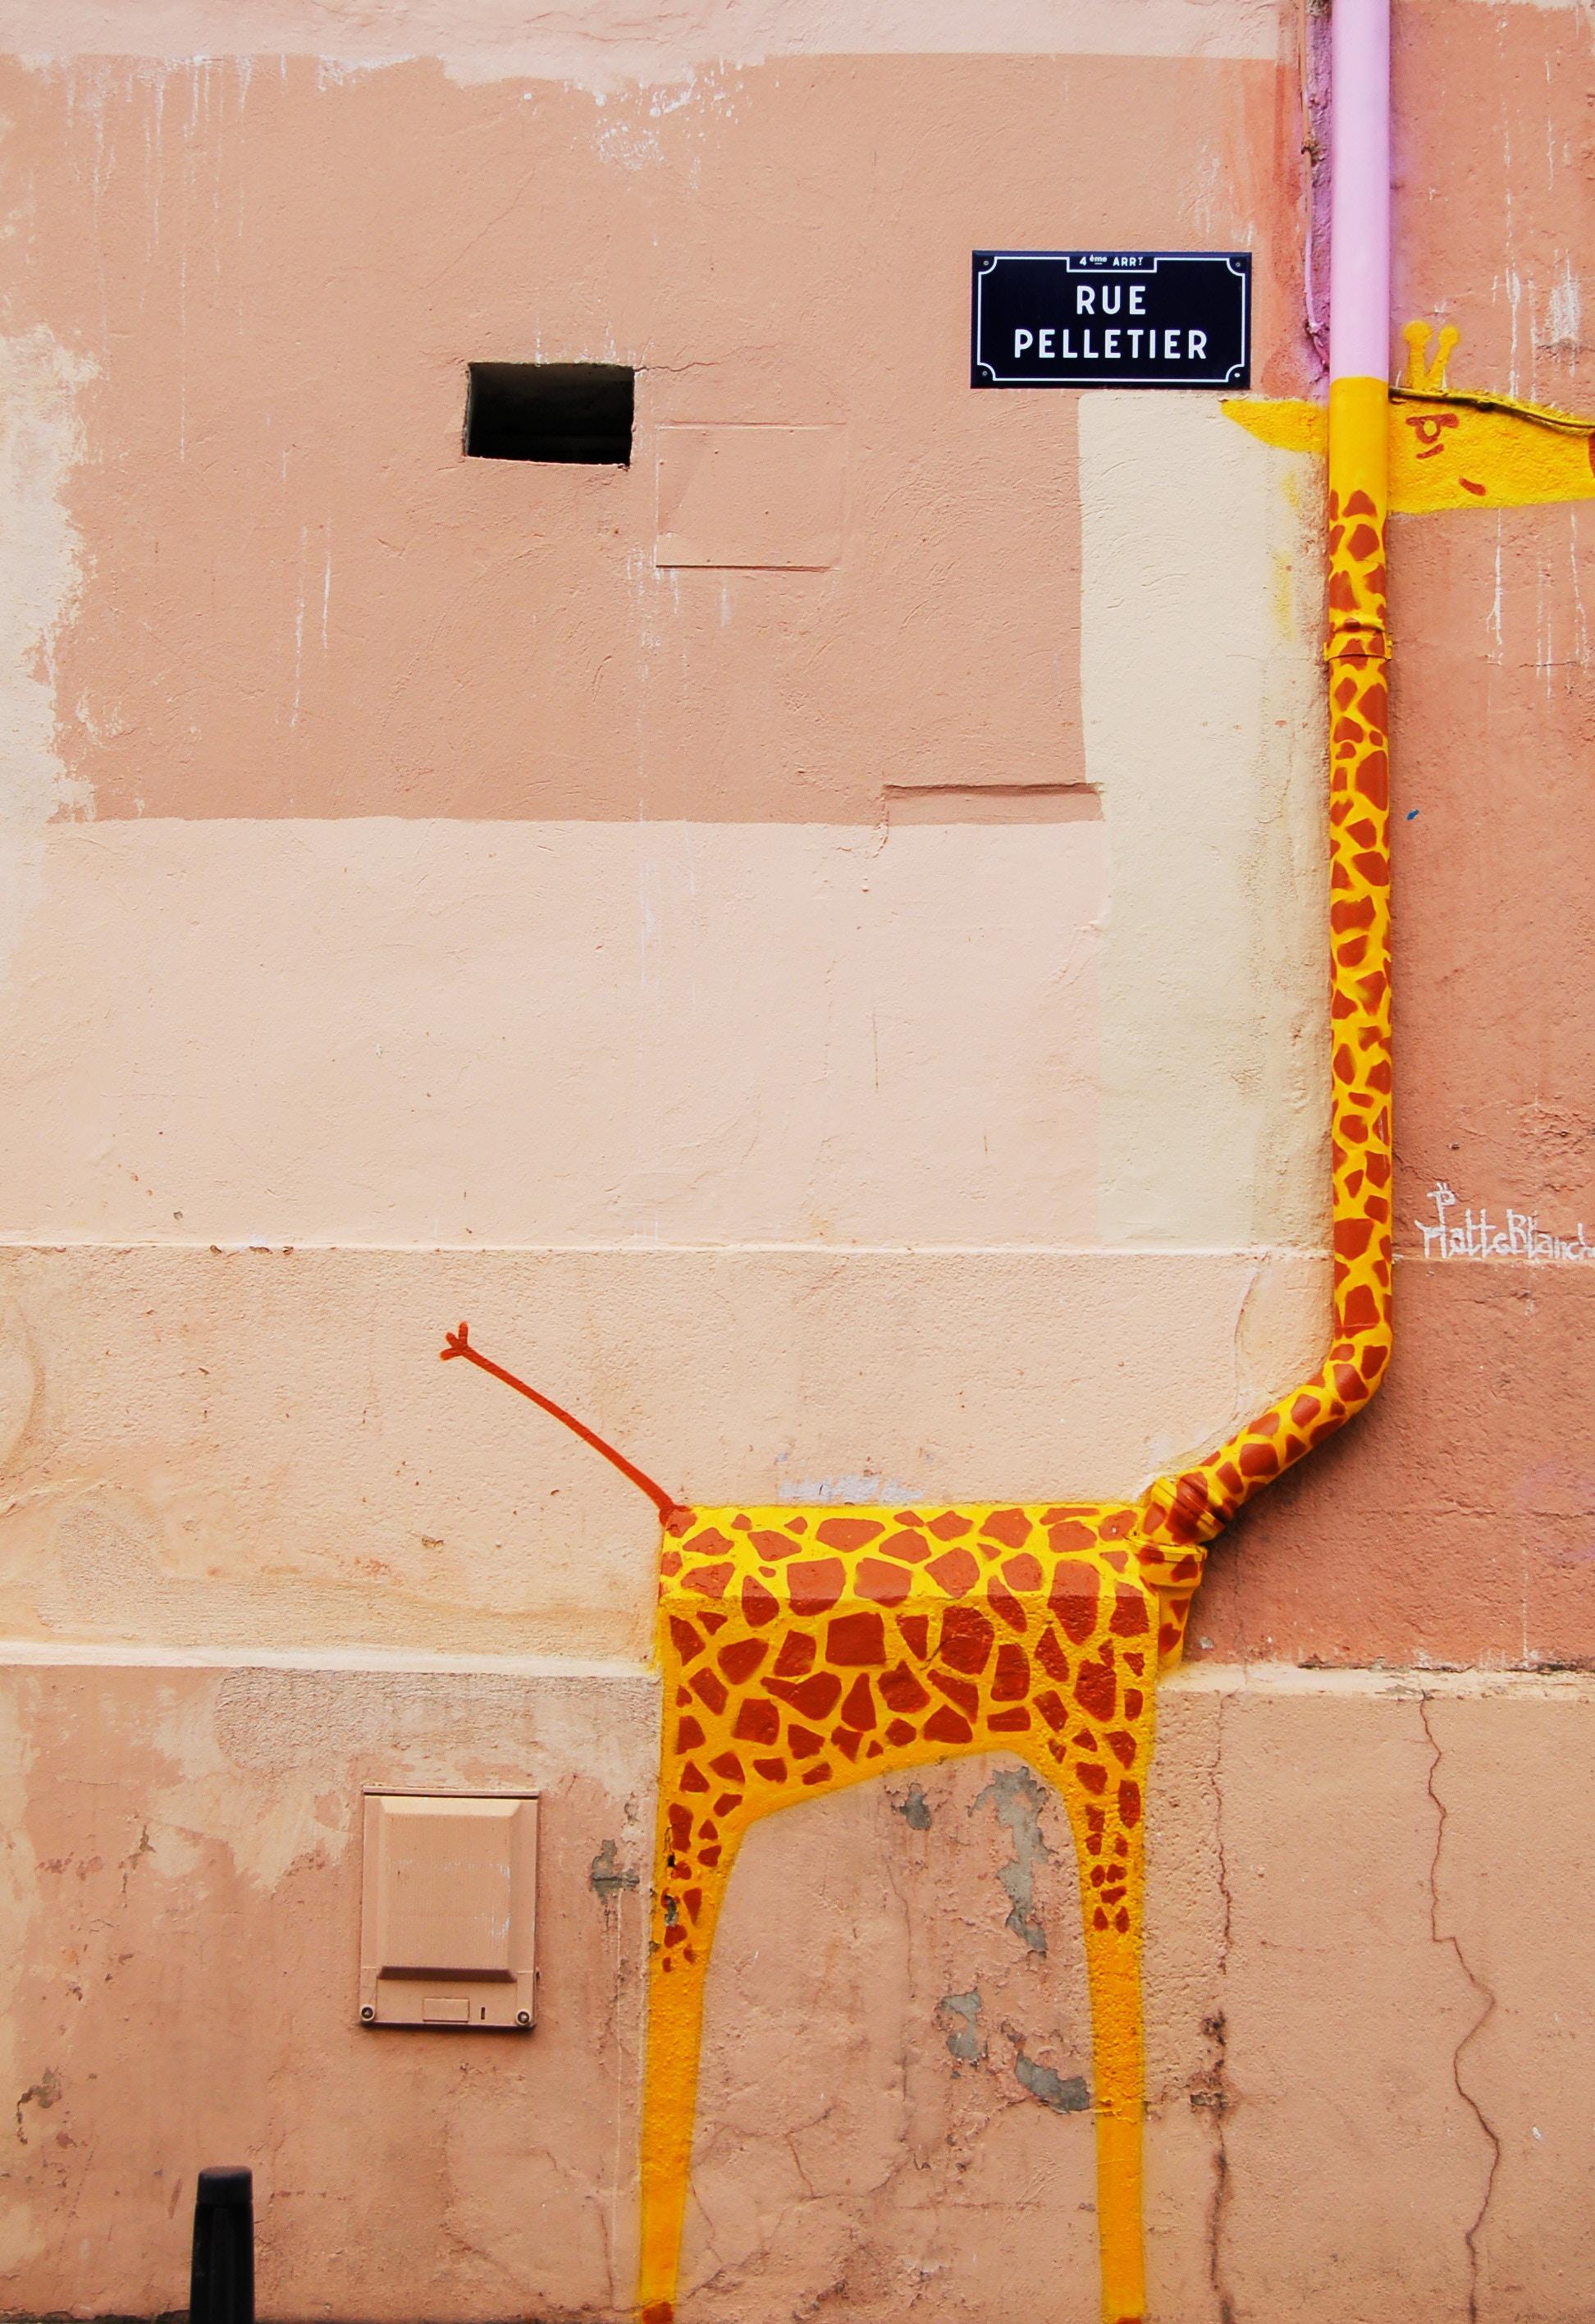 Arte Urbana Em Um Espaço Público De Lyon, França. Foto: Chris Barbalis / Unsplash.